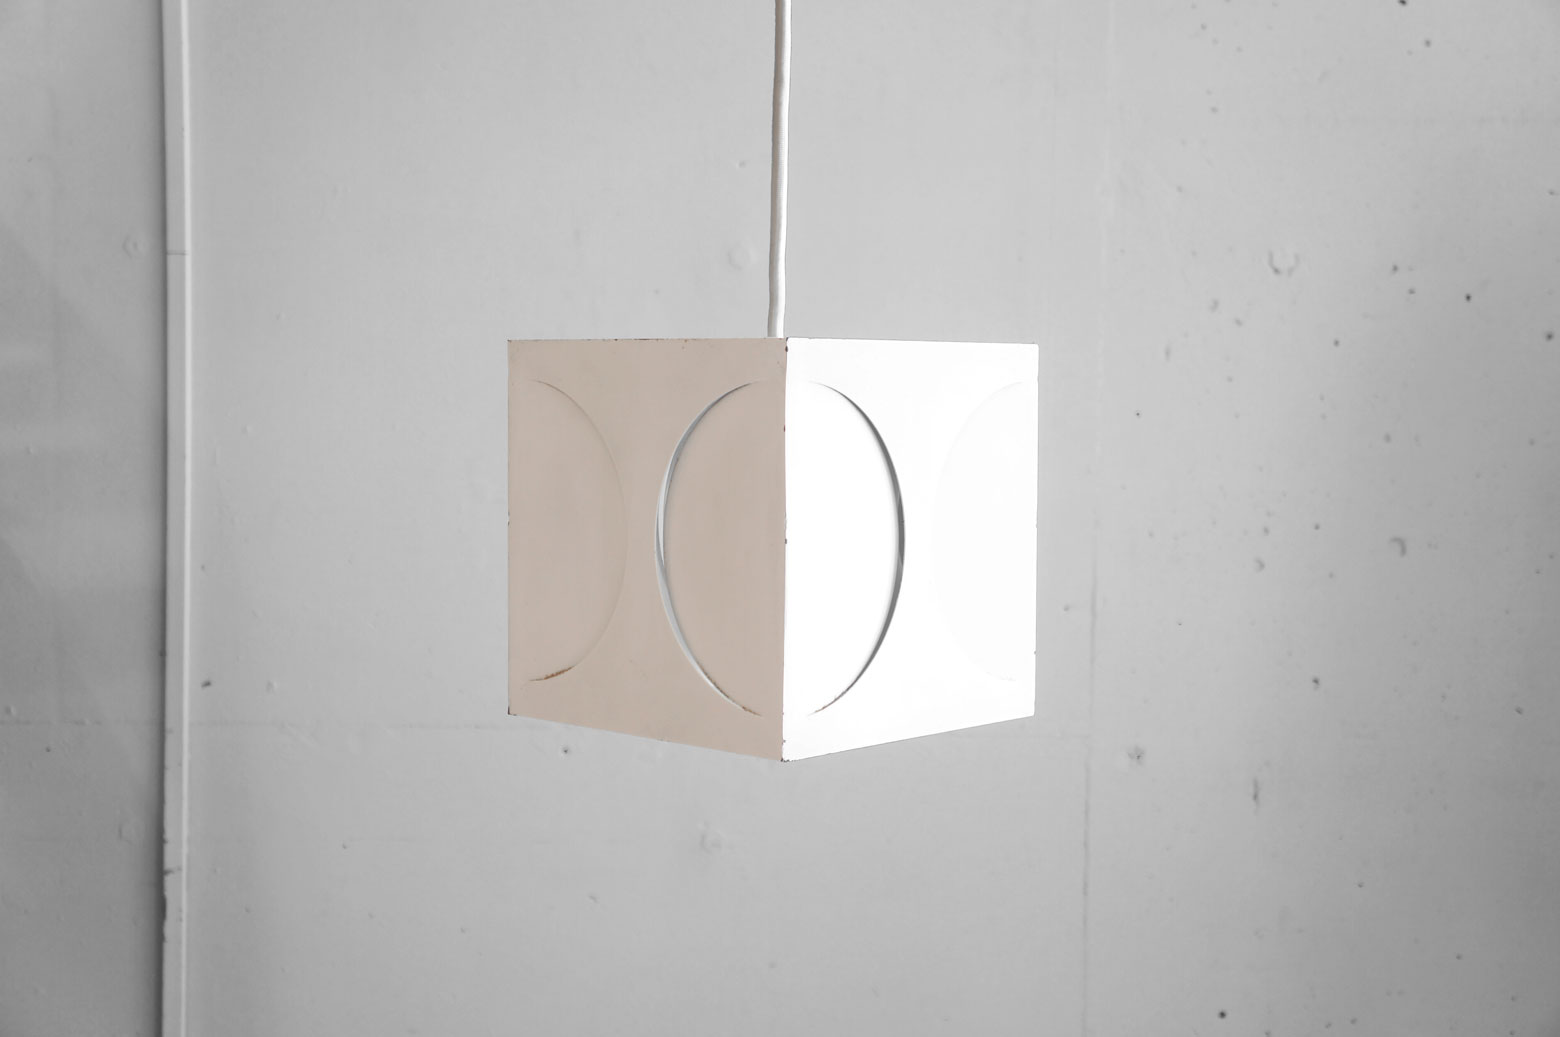 ヤマギワ製、キューブ型ペンダントライト。 素材はアルミでできており、四方の半円を描いた スリットから漏れる光が特徴的なお品物です。 電球の色でスタイリッシュにもレトロにも 表情が変わりますので、お部屋のアクセントにもおすすめです。 シンプルなデザインですので、モダンインテリア 北欧モダンなどに相性良いペンダントライト 是非いかがでしょうか。.~【東京都杉並区阿佐ヶ谷北アンティークショップ 古一/ZACK高円寺店】 古一/ふるいちでは出張無料買取も行っております。杉並区周辺はもちろん、世田谷区・目黒区・武蔵野市・新宿区等の東京近郊のお見積もりも!ビンテージ家具・インテリア雑貨・ランプ・USED品・ リサイクルなら古一/フルイチへ~